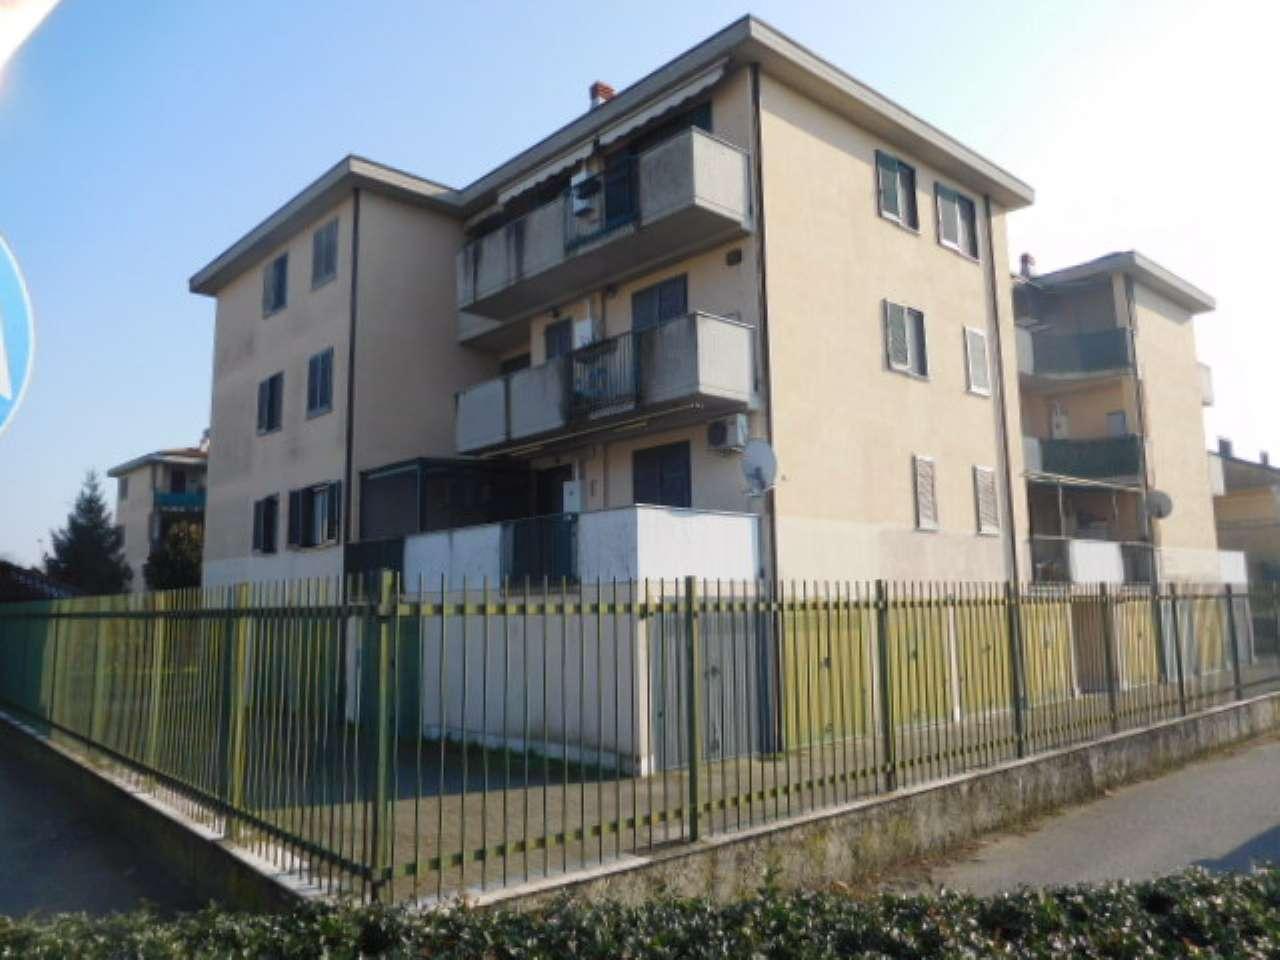 Appartamento in vendita a Marcignago, 2 locali, prezzo € 59.500 | CambioCasa.it